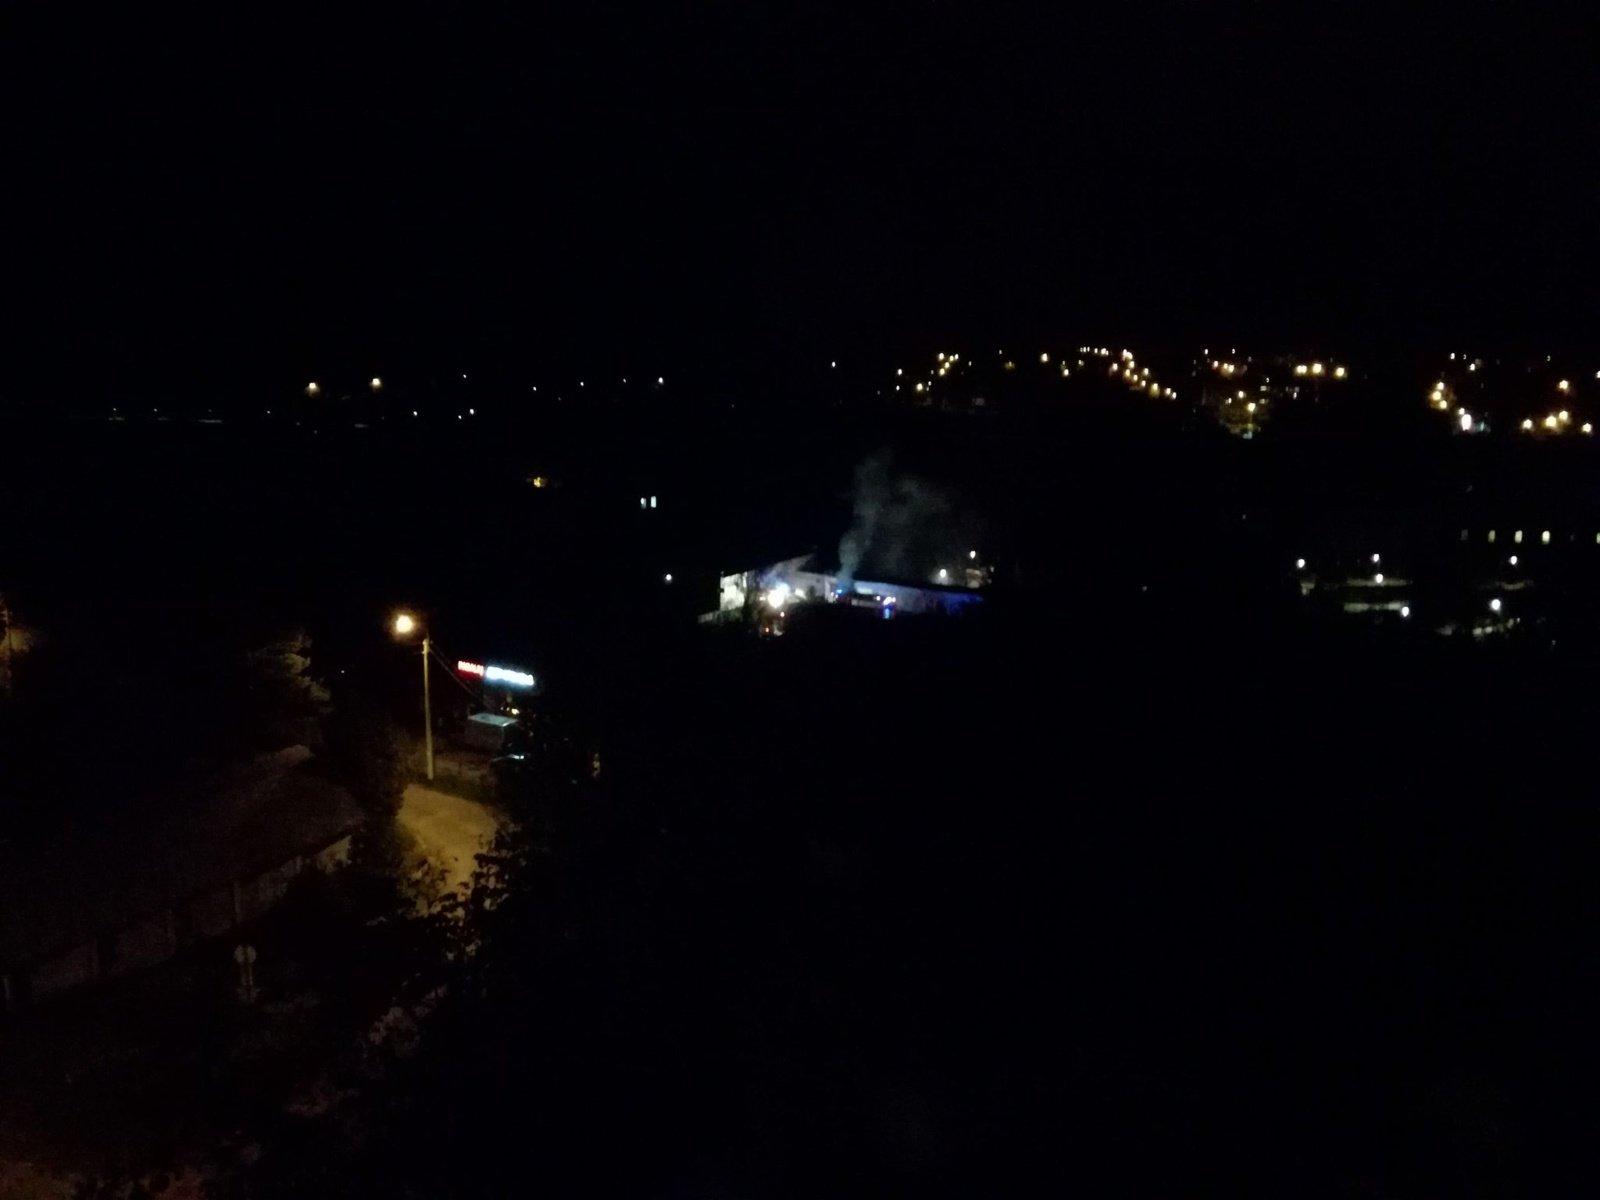 Šiauliuose degė garažas (vaizdo įrašas)